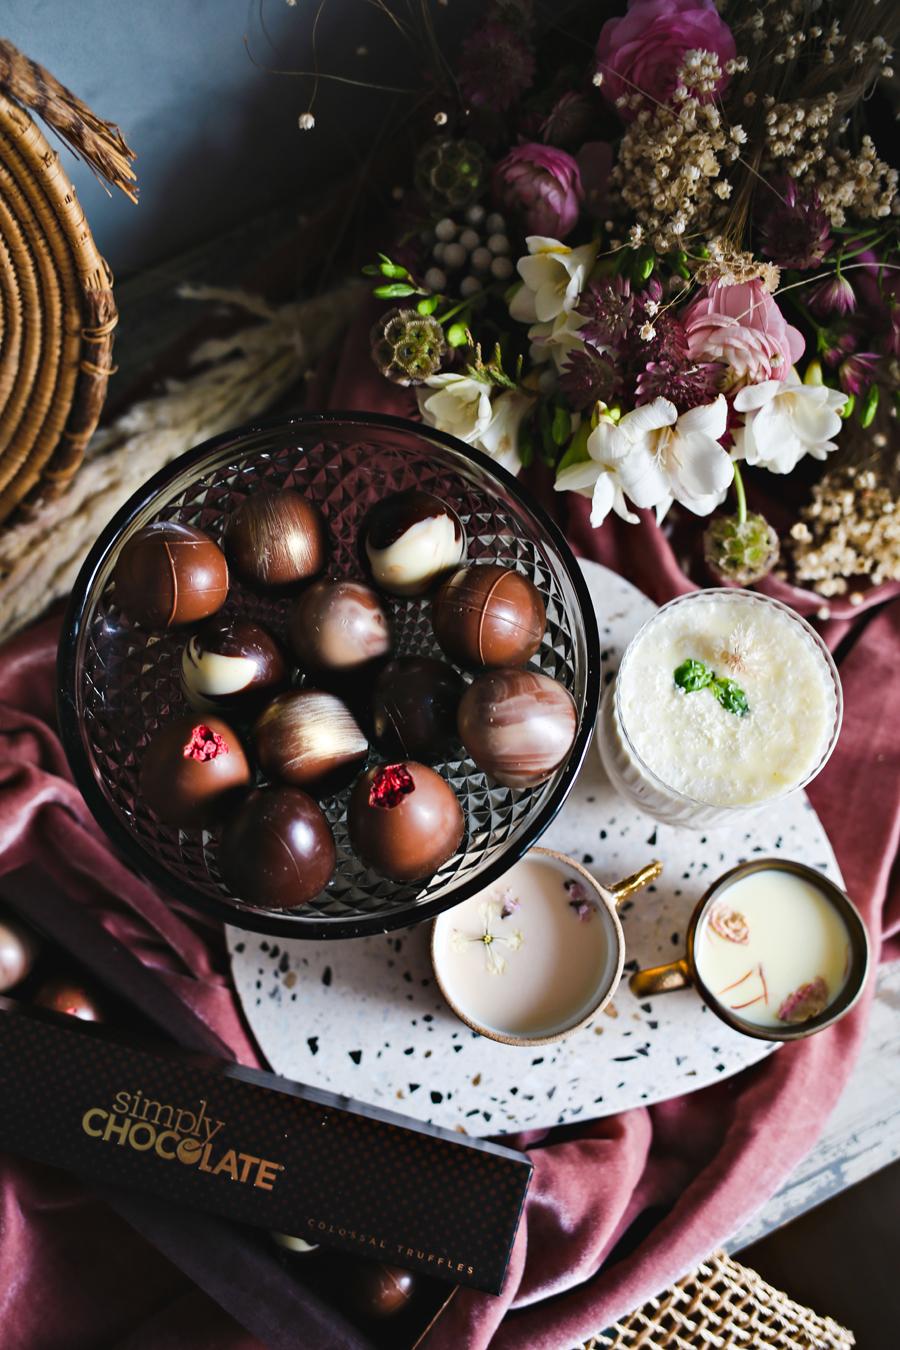 01_Simply Chocolate Pairings | Dine X Design.jpg